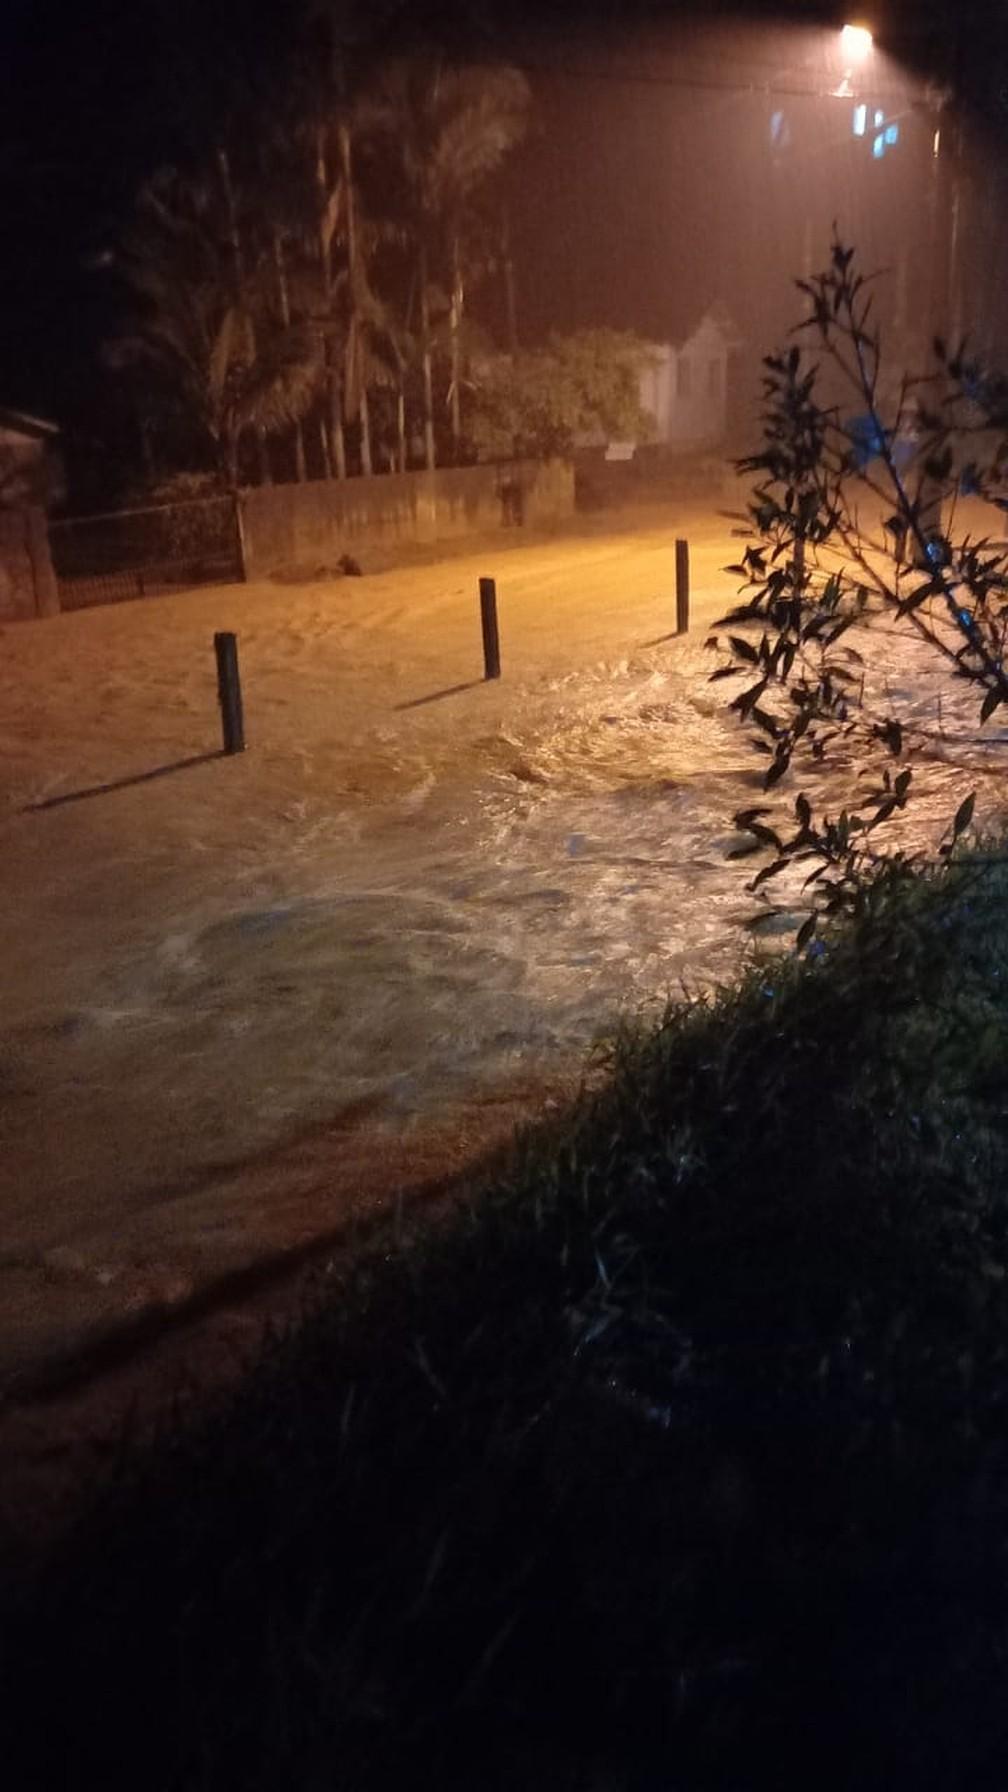 Ruas ficaram alagadas por conda da chuva em Canelinha — Foto: Prefeitura de Canelinha/ Divulgação